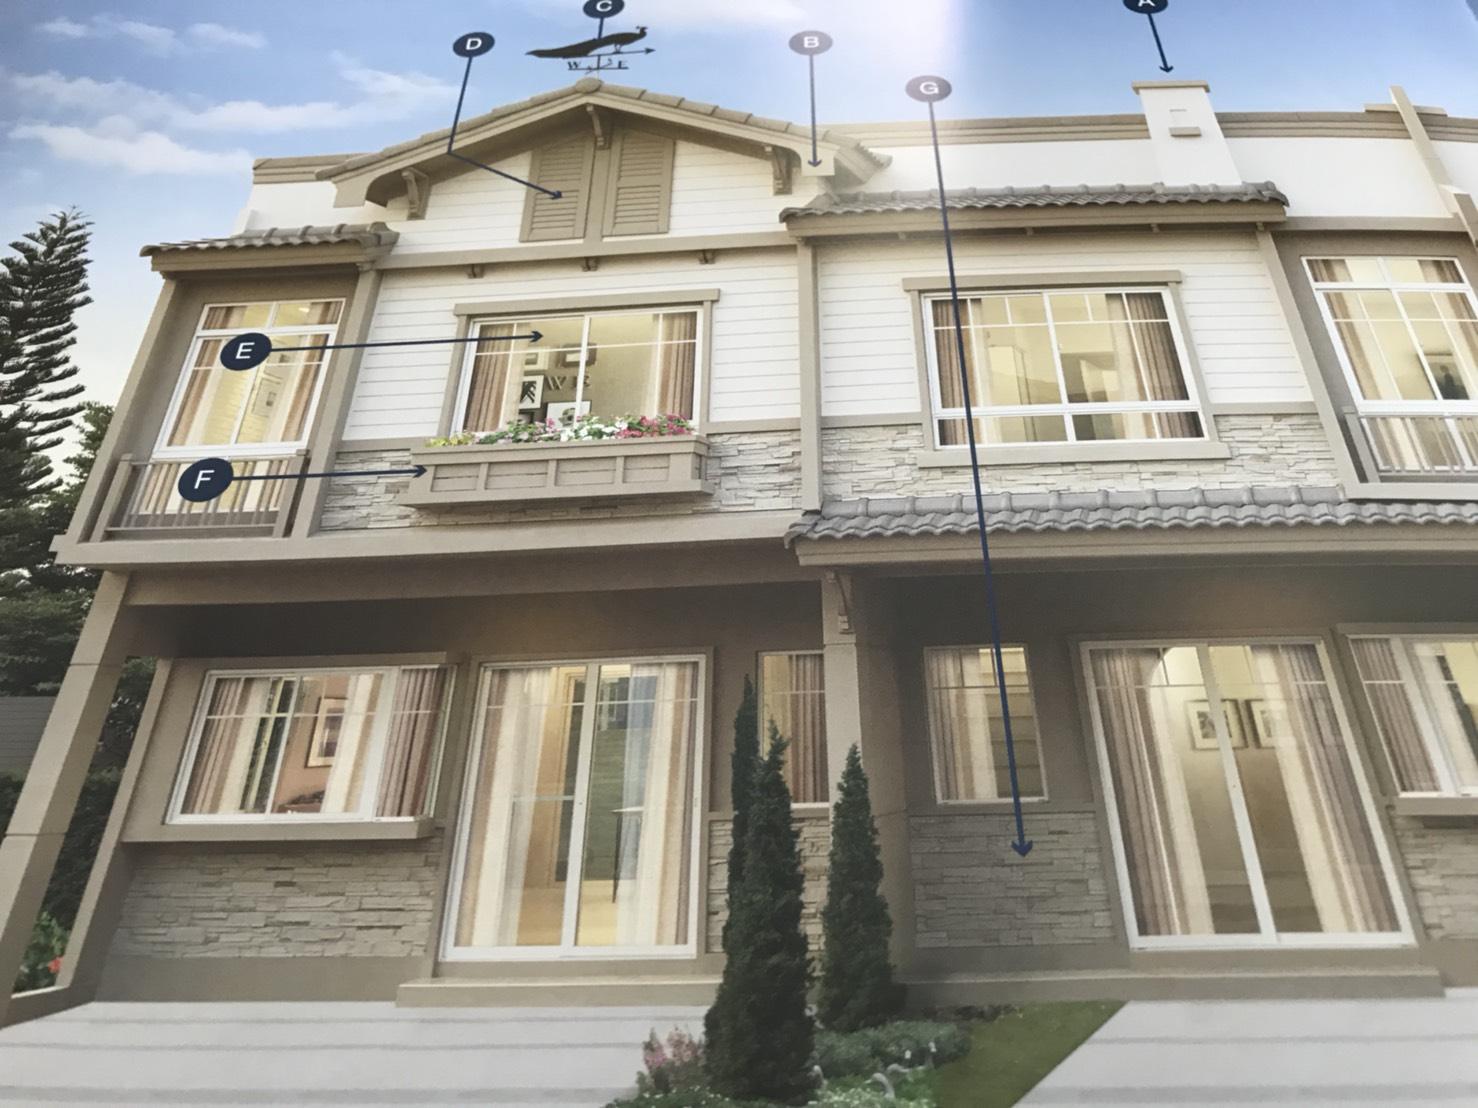 ขายใบจอง โครงการ Indy srinakarin 2  Townhouse  3